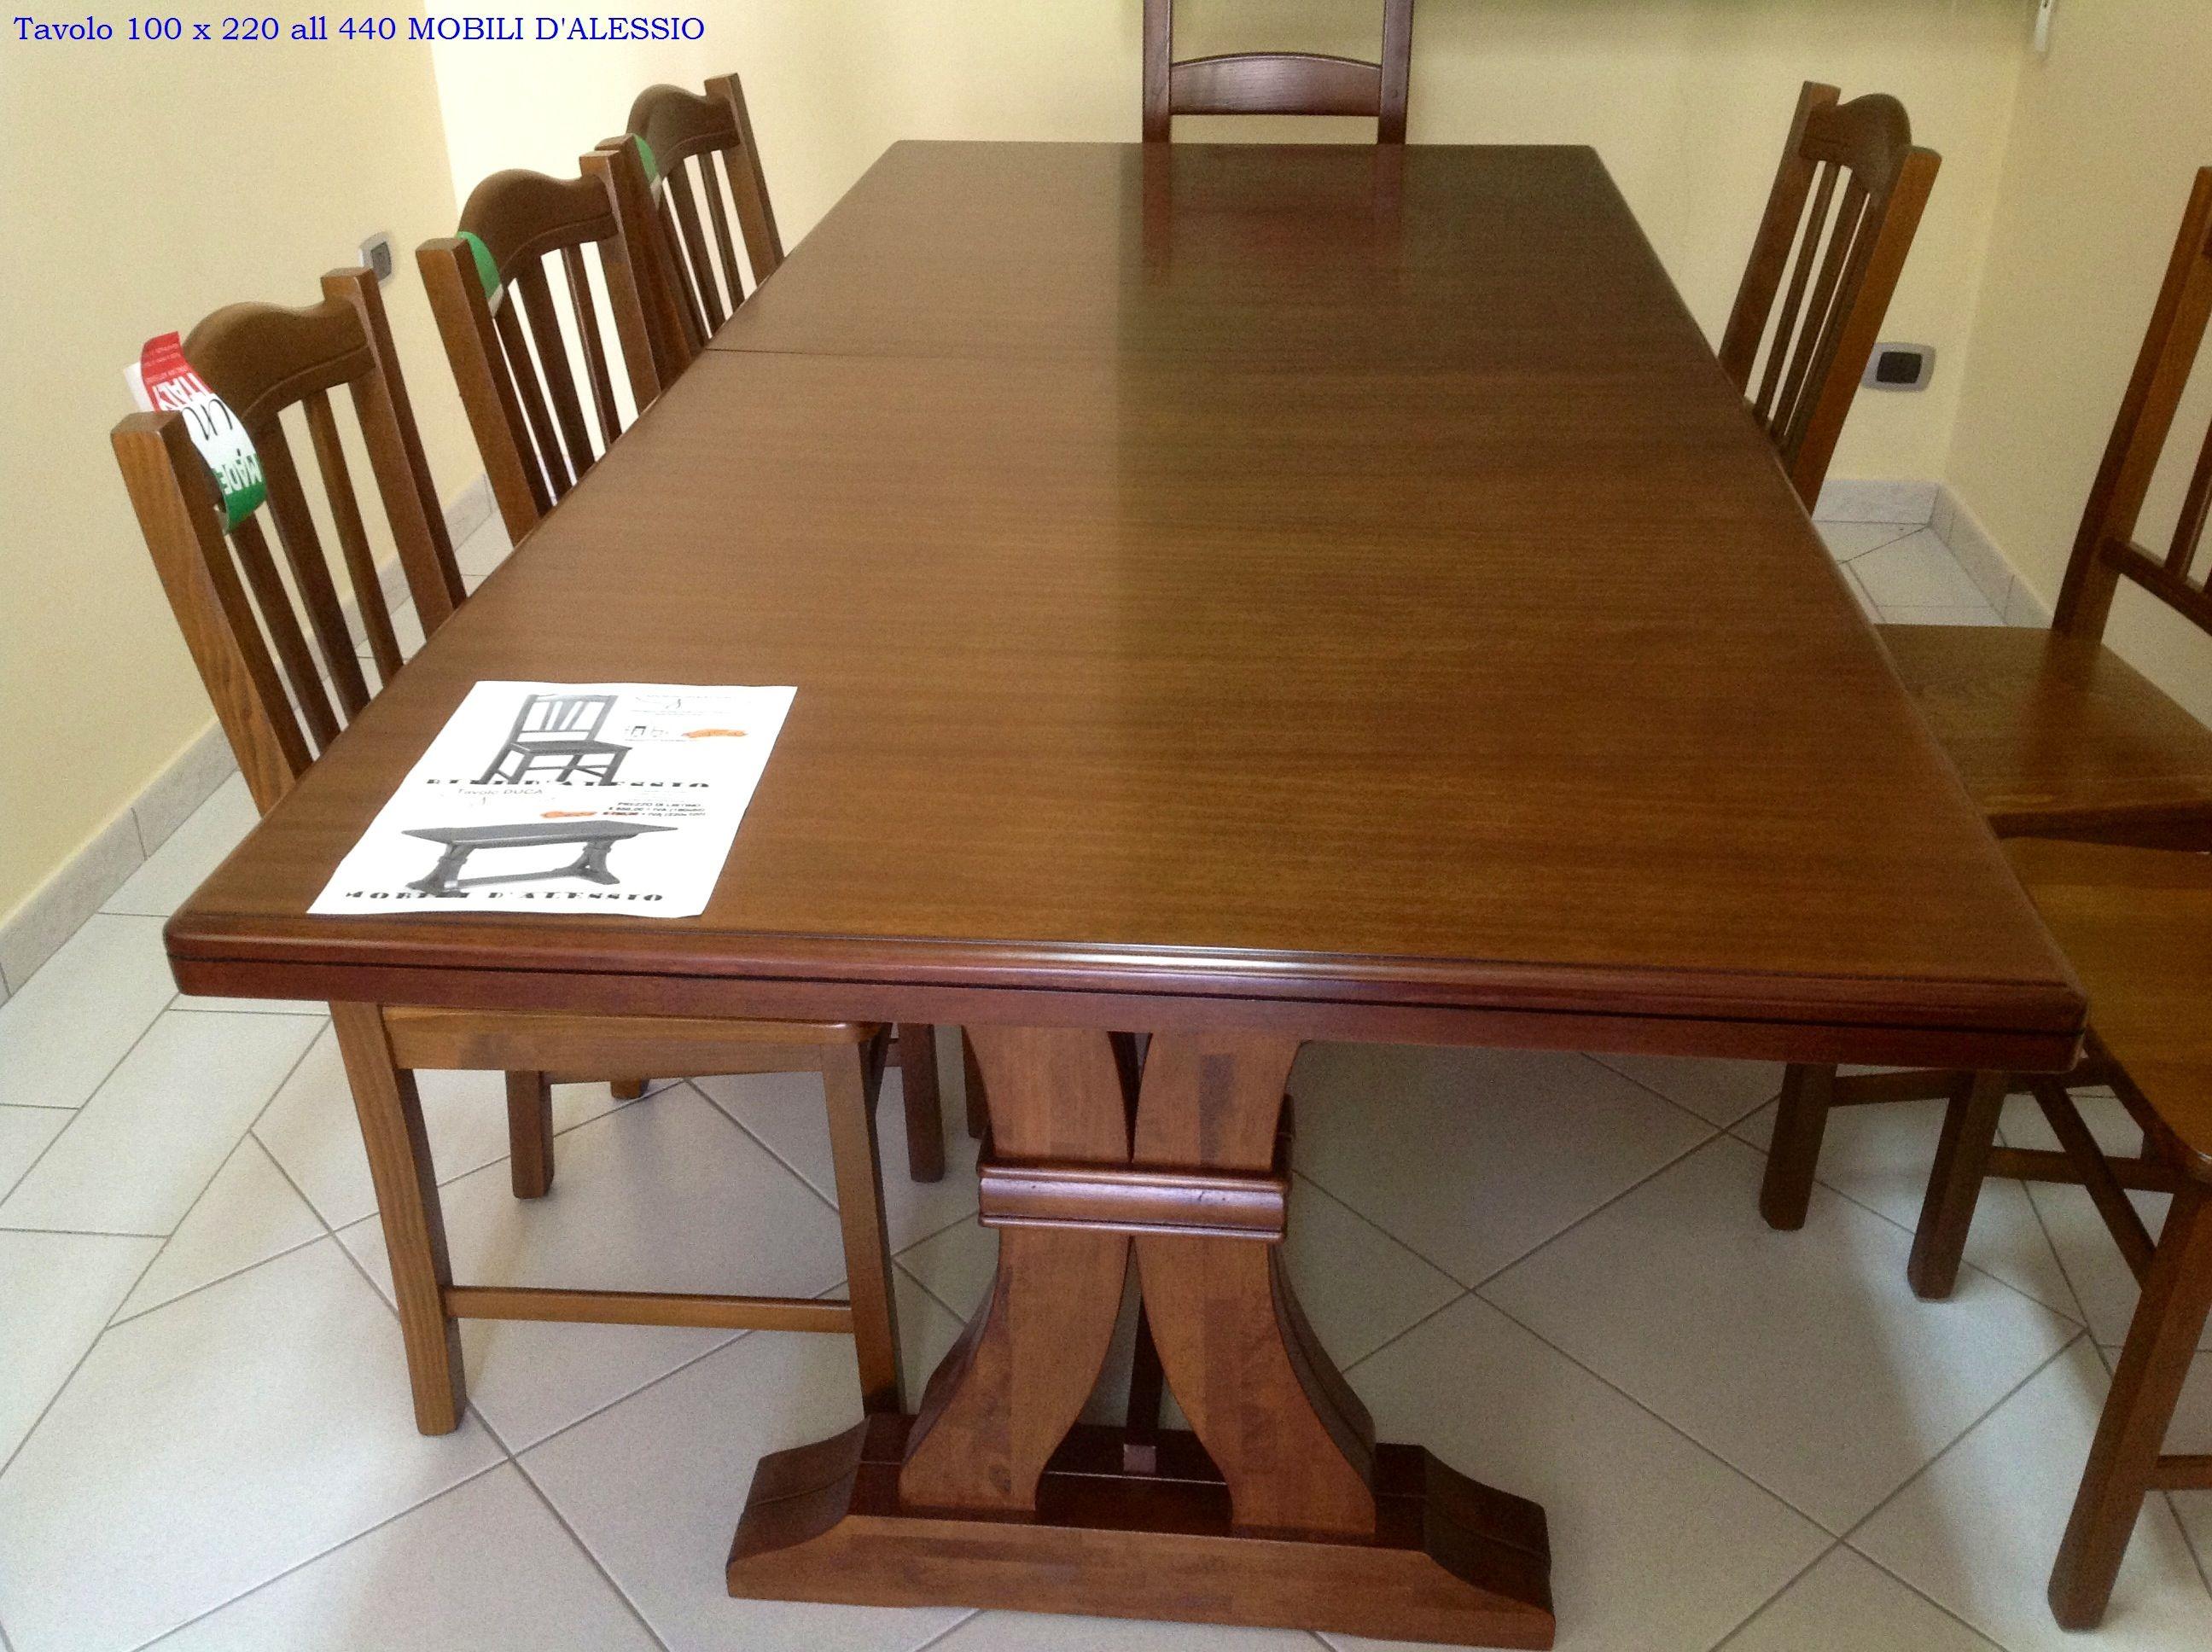 Tavolo allungabile in legno massello con 8 sedie tavoli - Tavolo noce massello ...